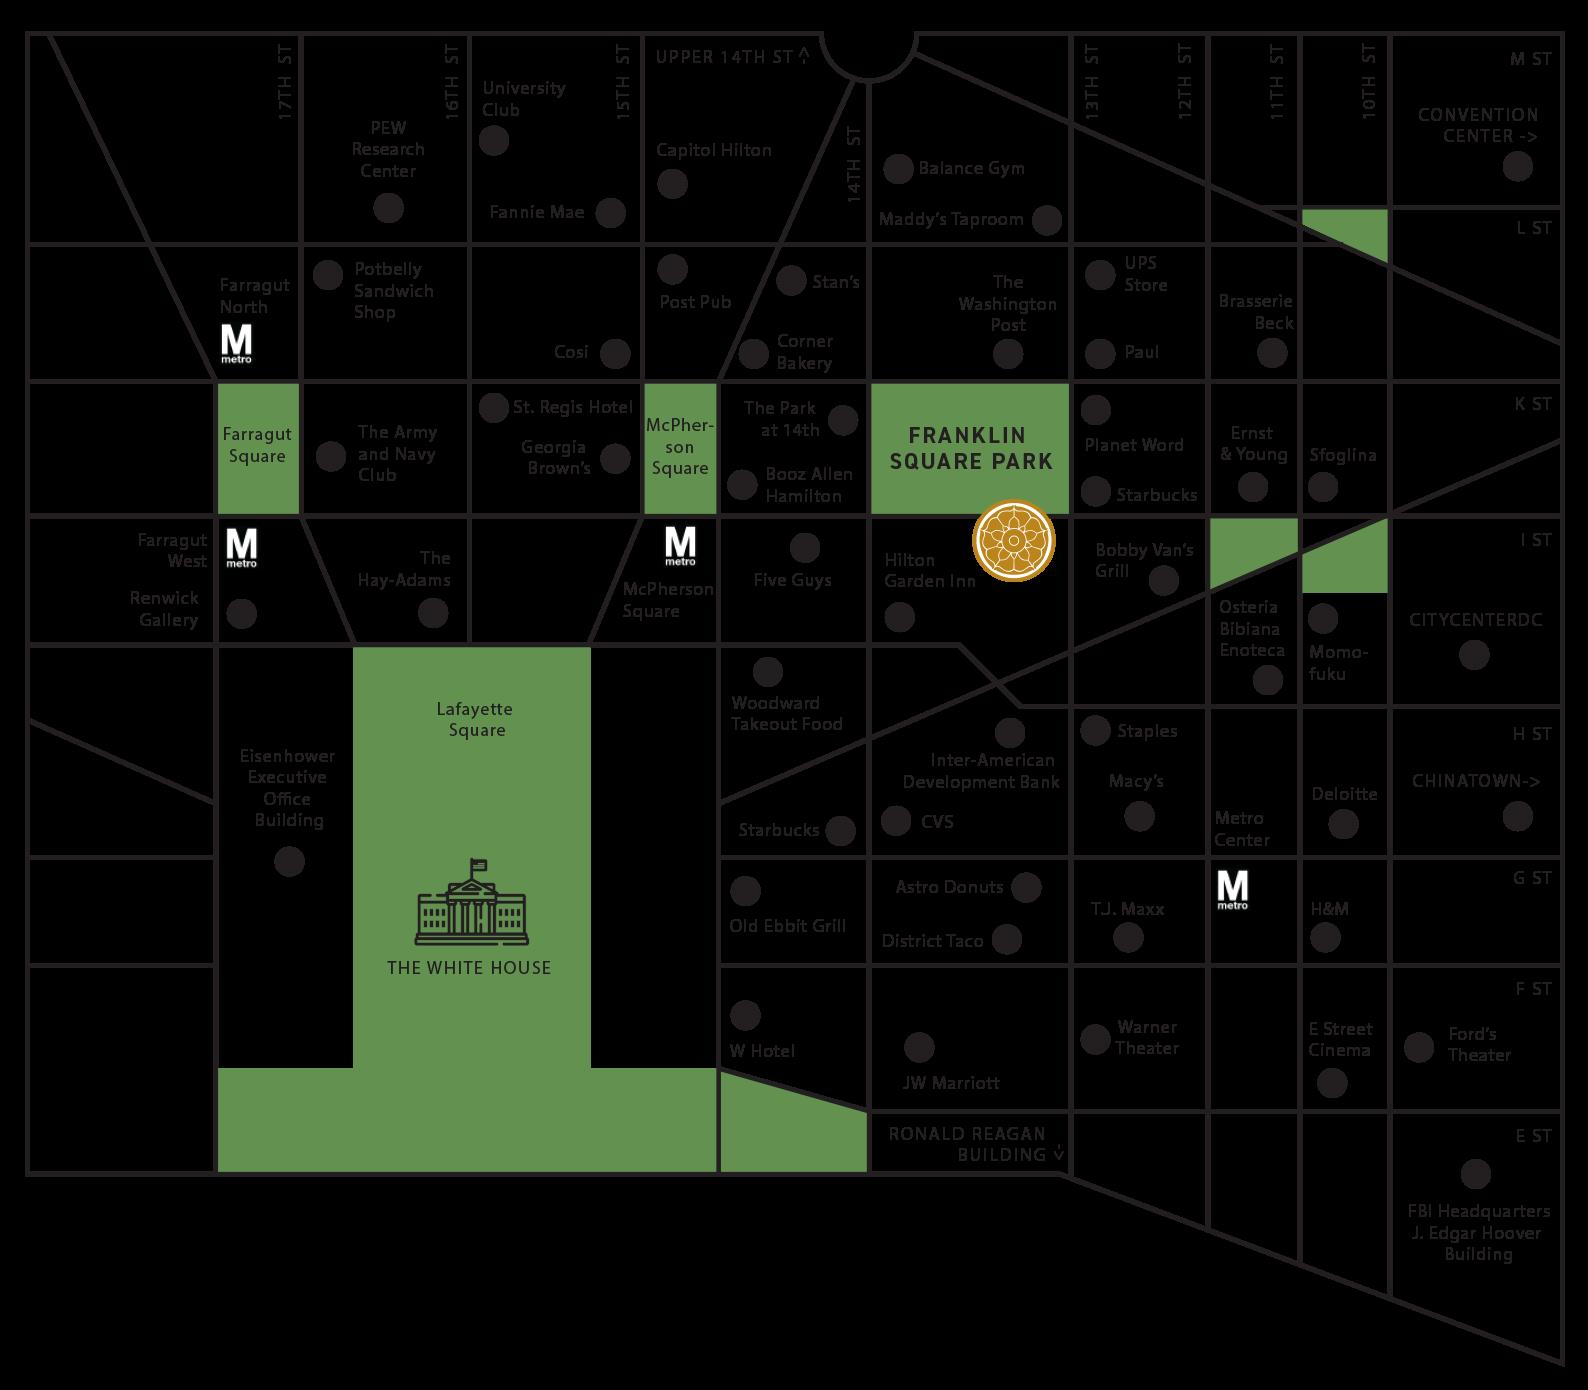 park-map-final.png